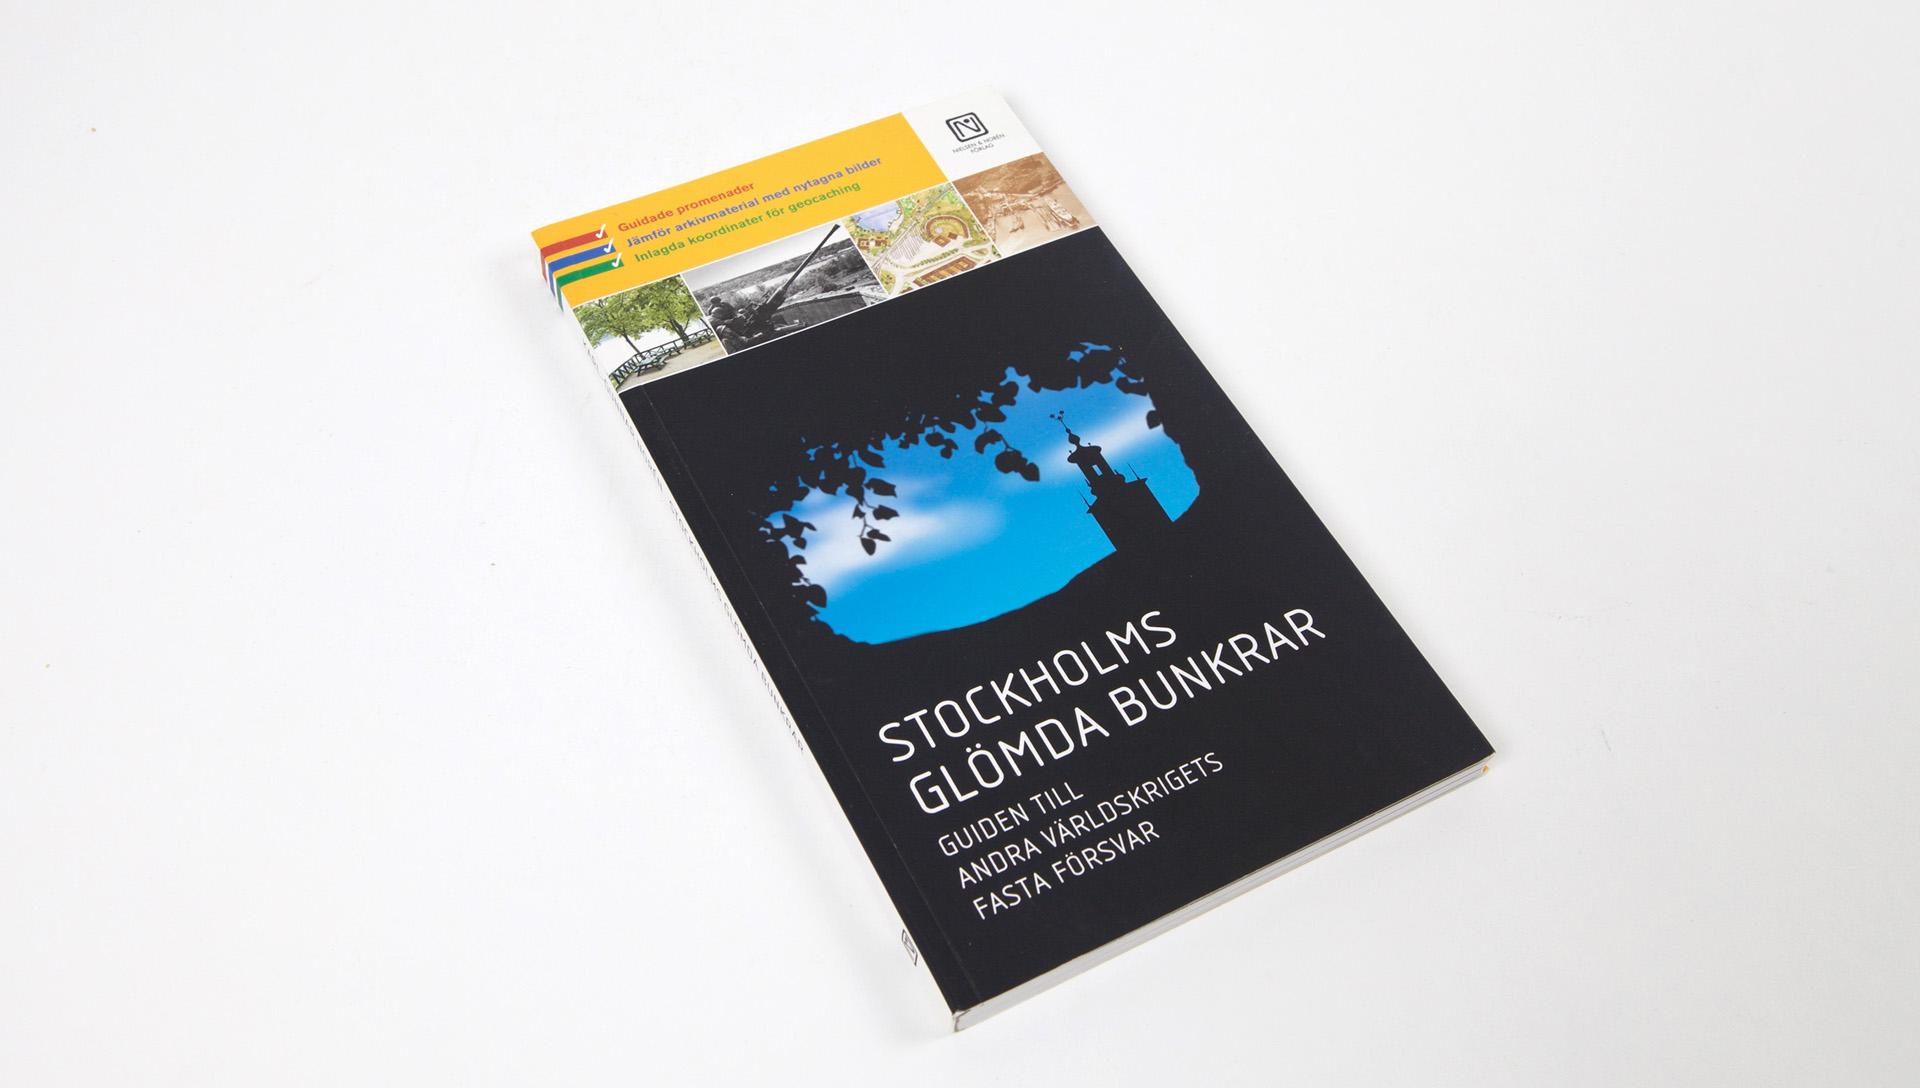 Stockholms Glömda Bunkrar5